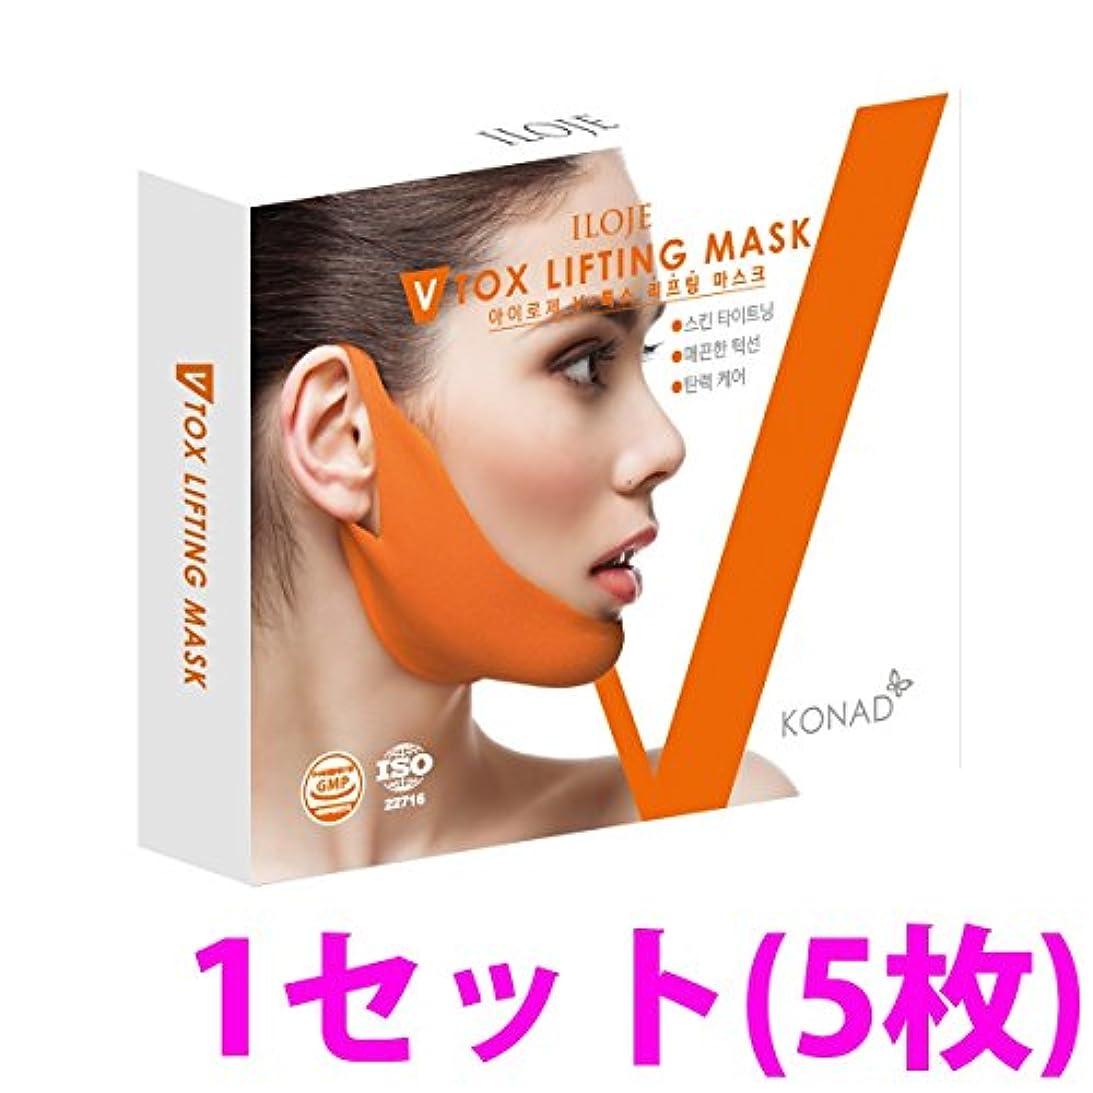 保存機械的に分注する女性の年齢は顎の輪郭で決まる!V-TOXリフティングマスクパック 1セット(5枚)